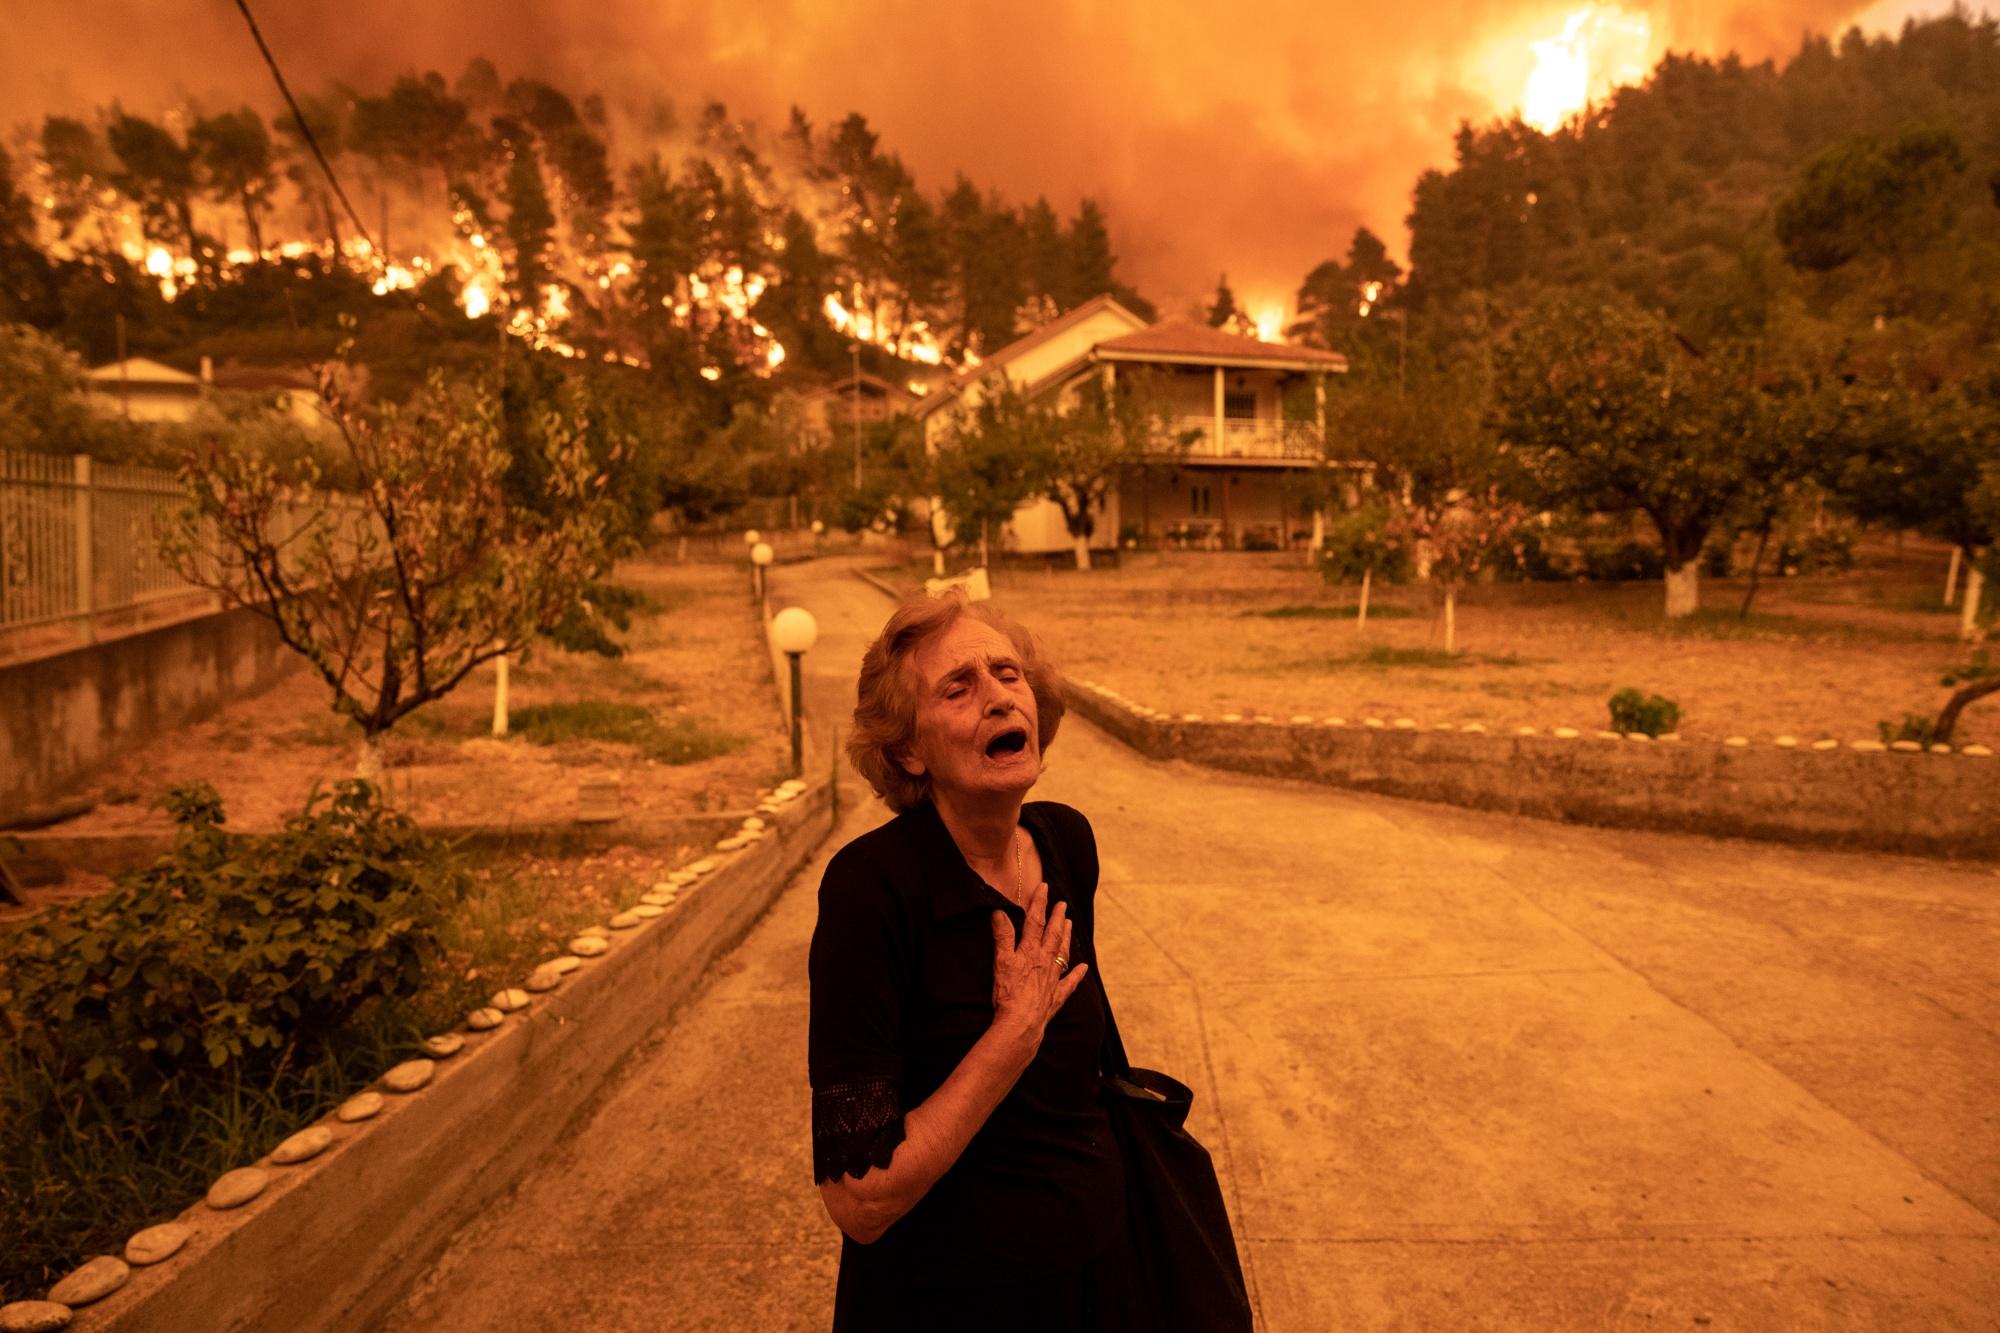 حريق قرية هوفيس، اليونان. (المصدر: Konstantinos Tsakalidis/Bloomberg)